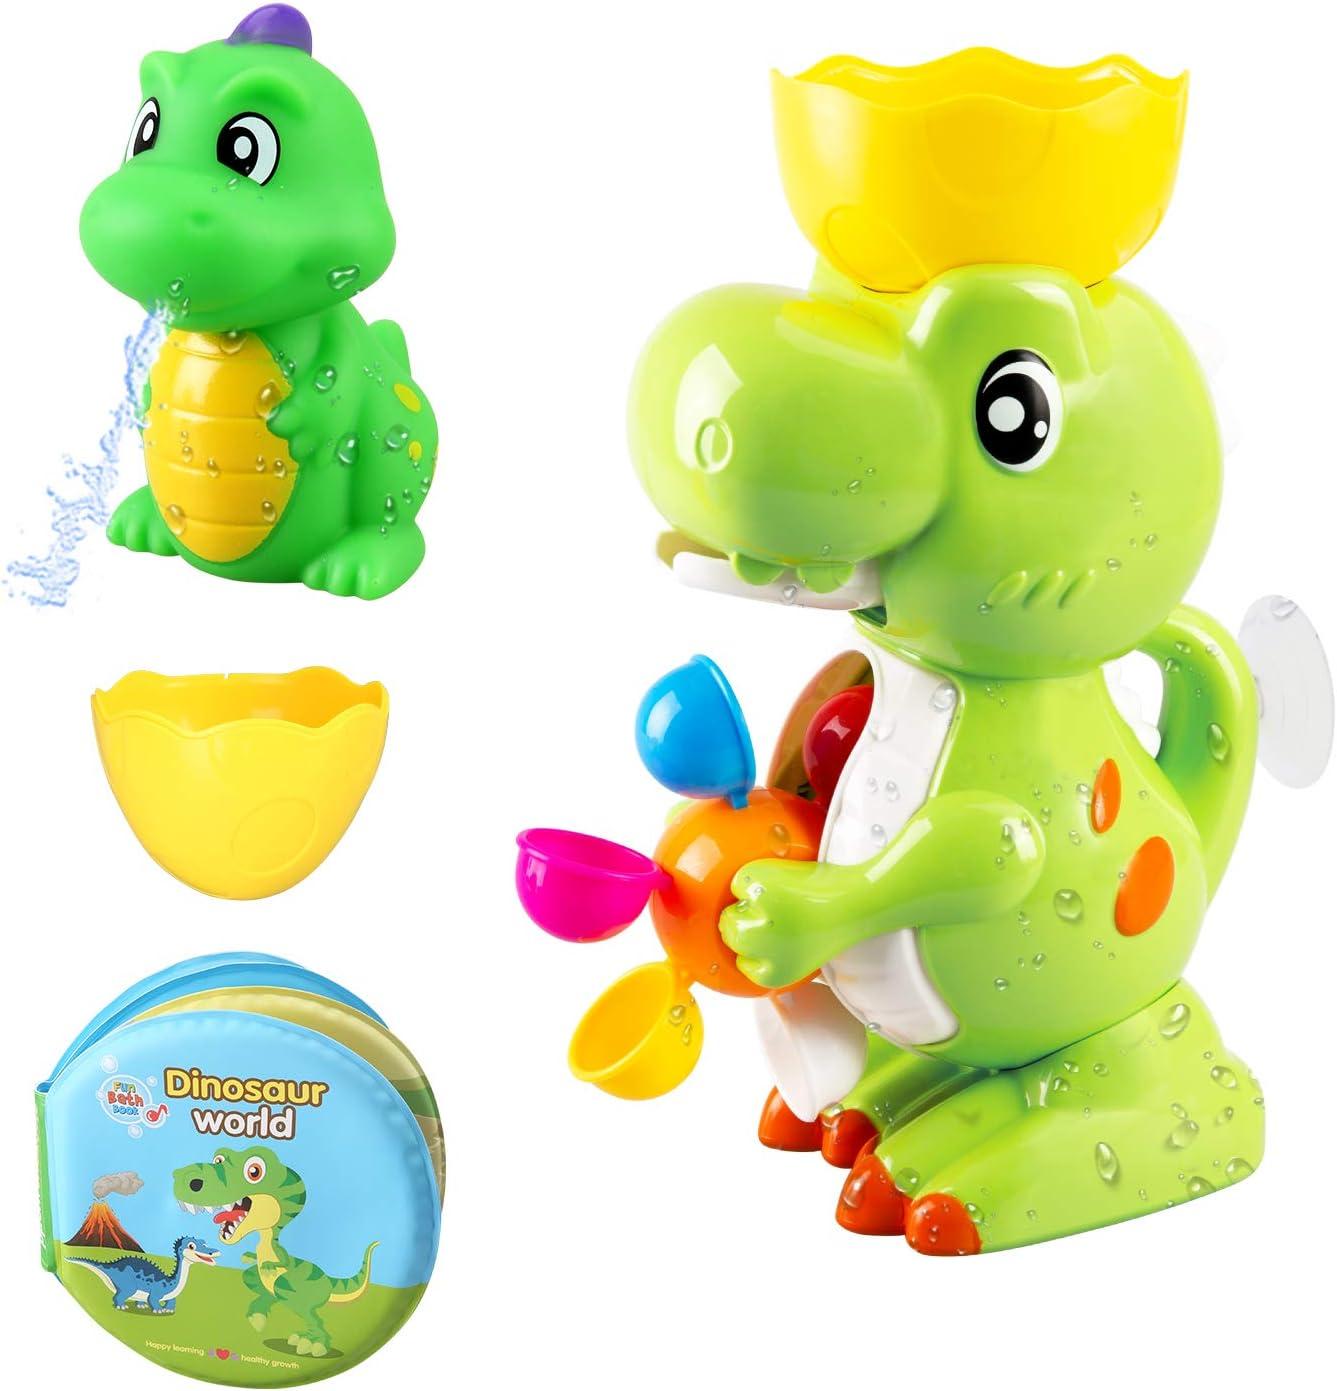 BeebeeRun Baby Bath Toy Dinosaurio Baño Toy con Dino Bath Libro Fuente Dinosaurio Toy Bath Juego para niños pequeños Niños Niños Niñas 1 2 3 4 años